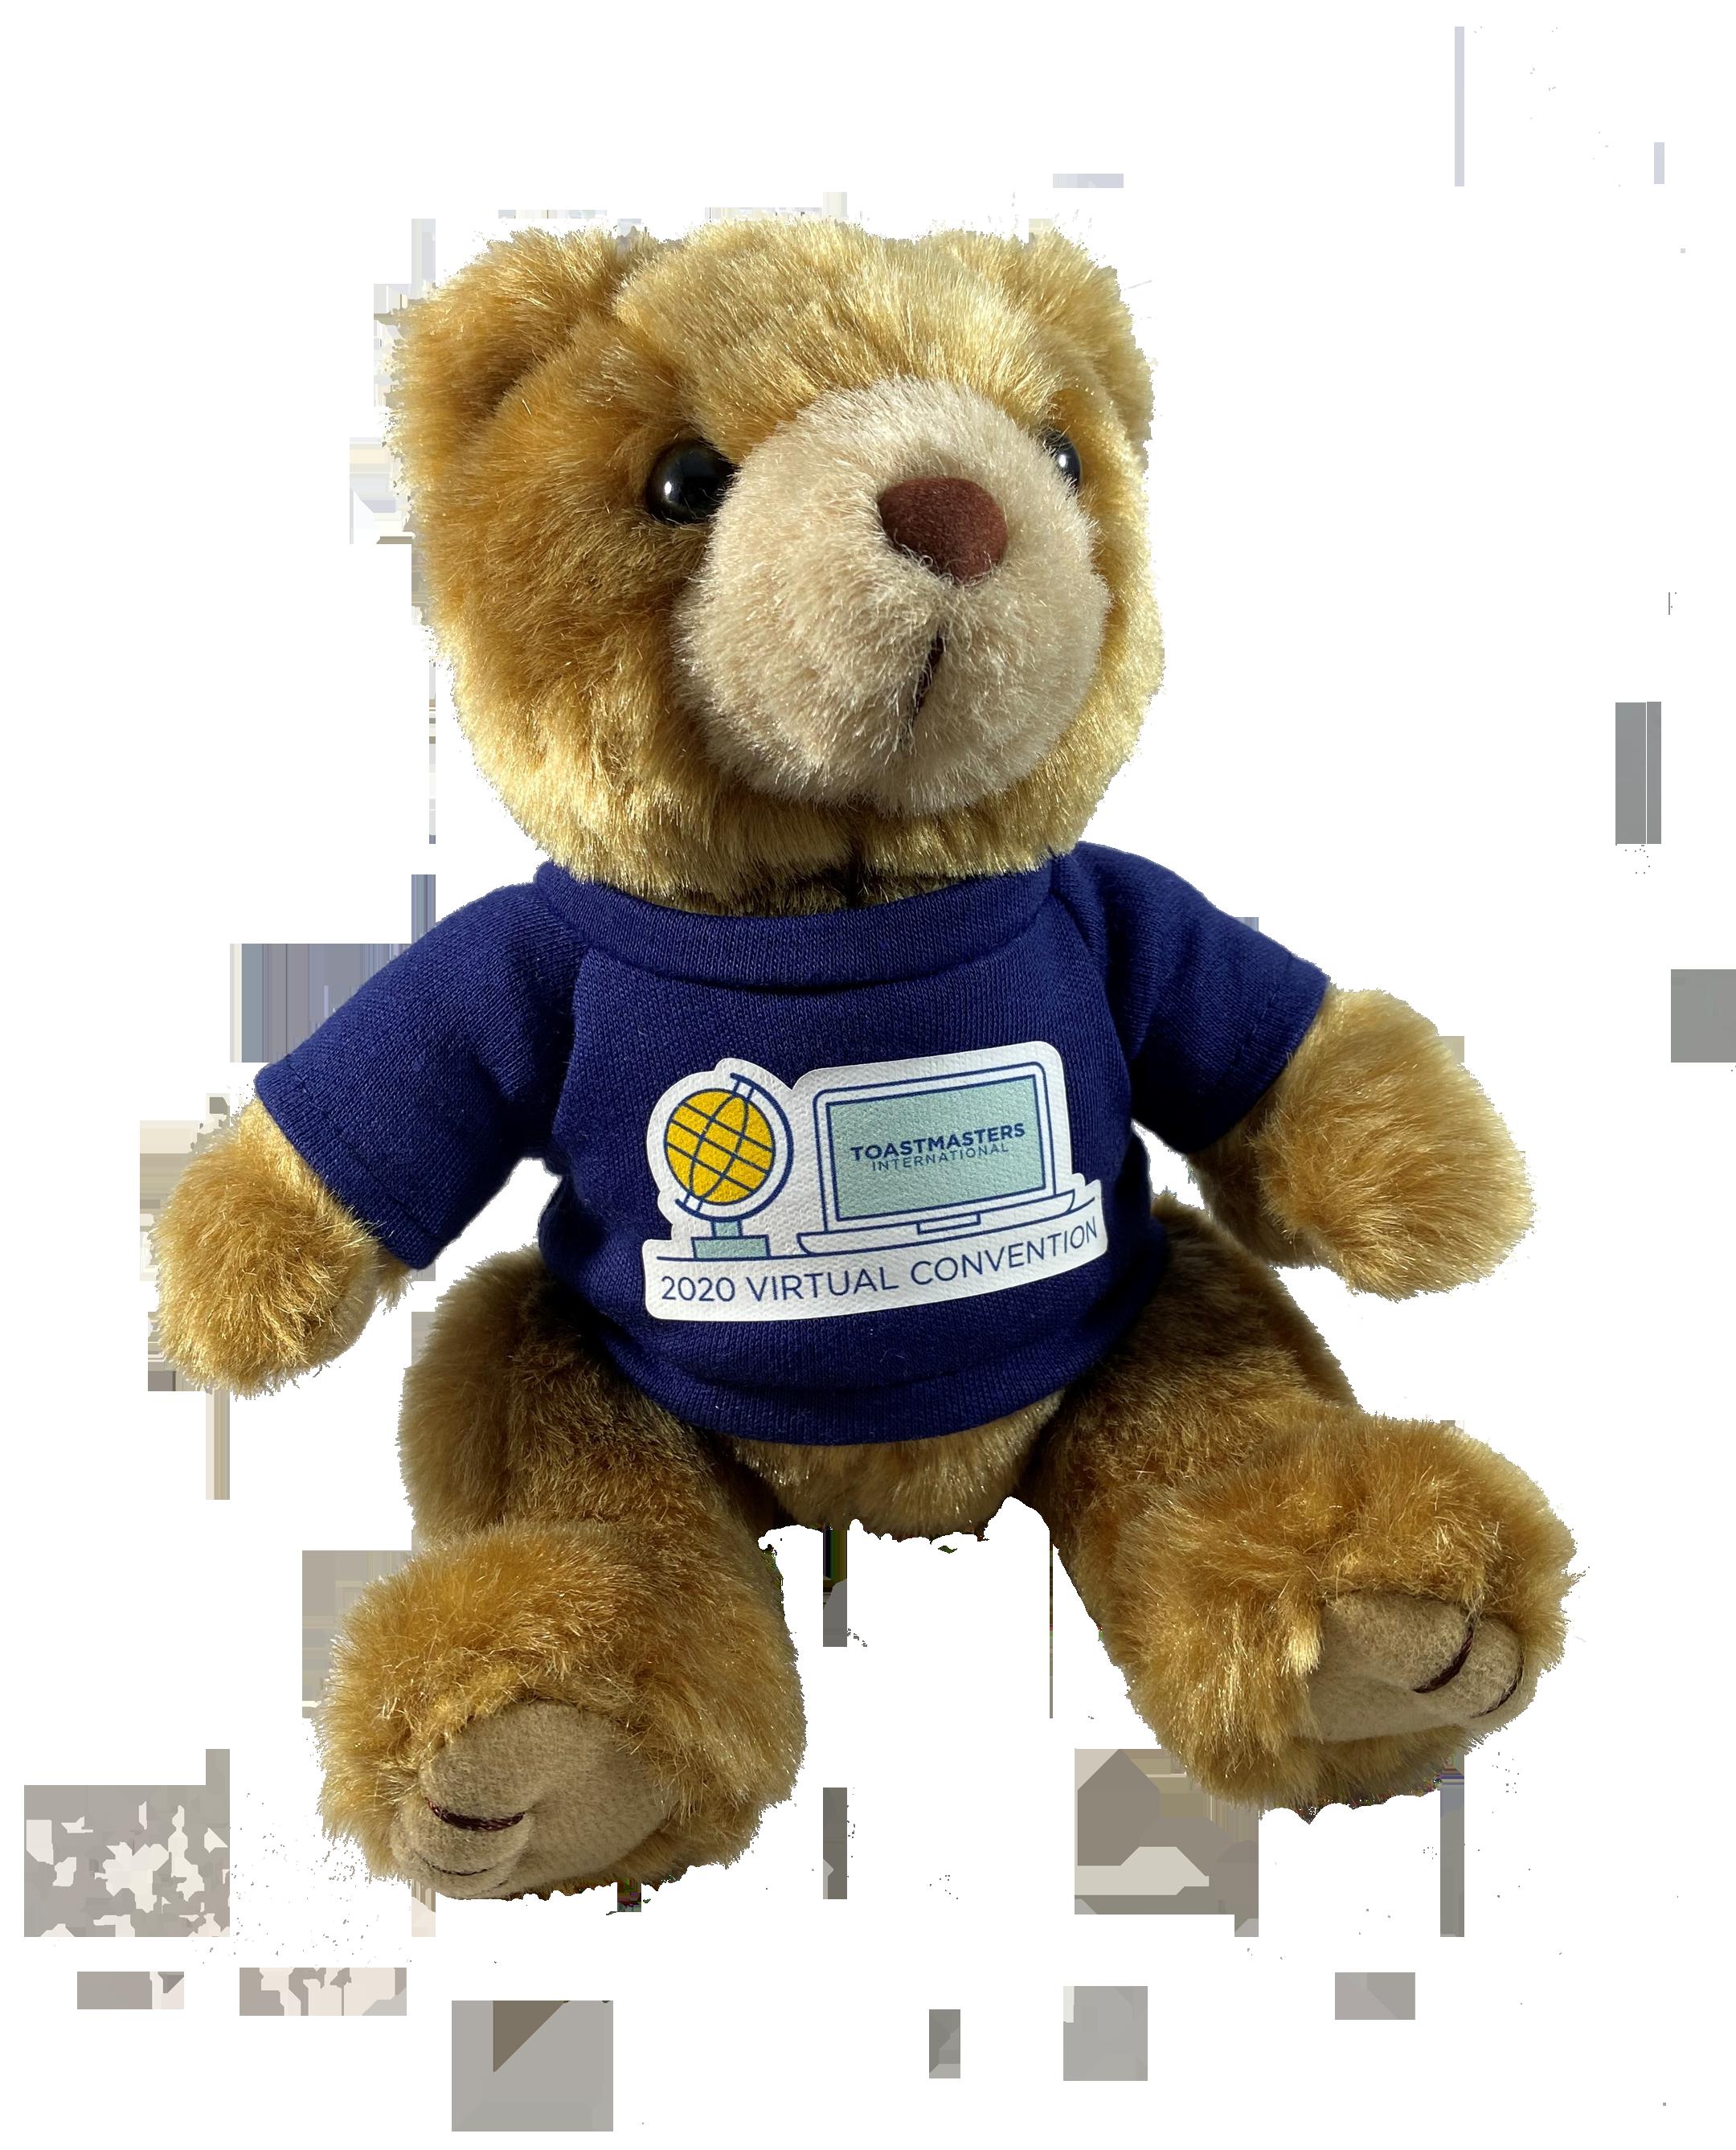 2020-Virtual-Convention-Bear